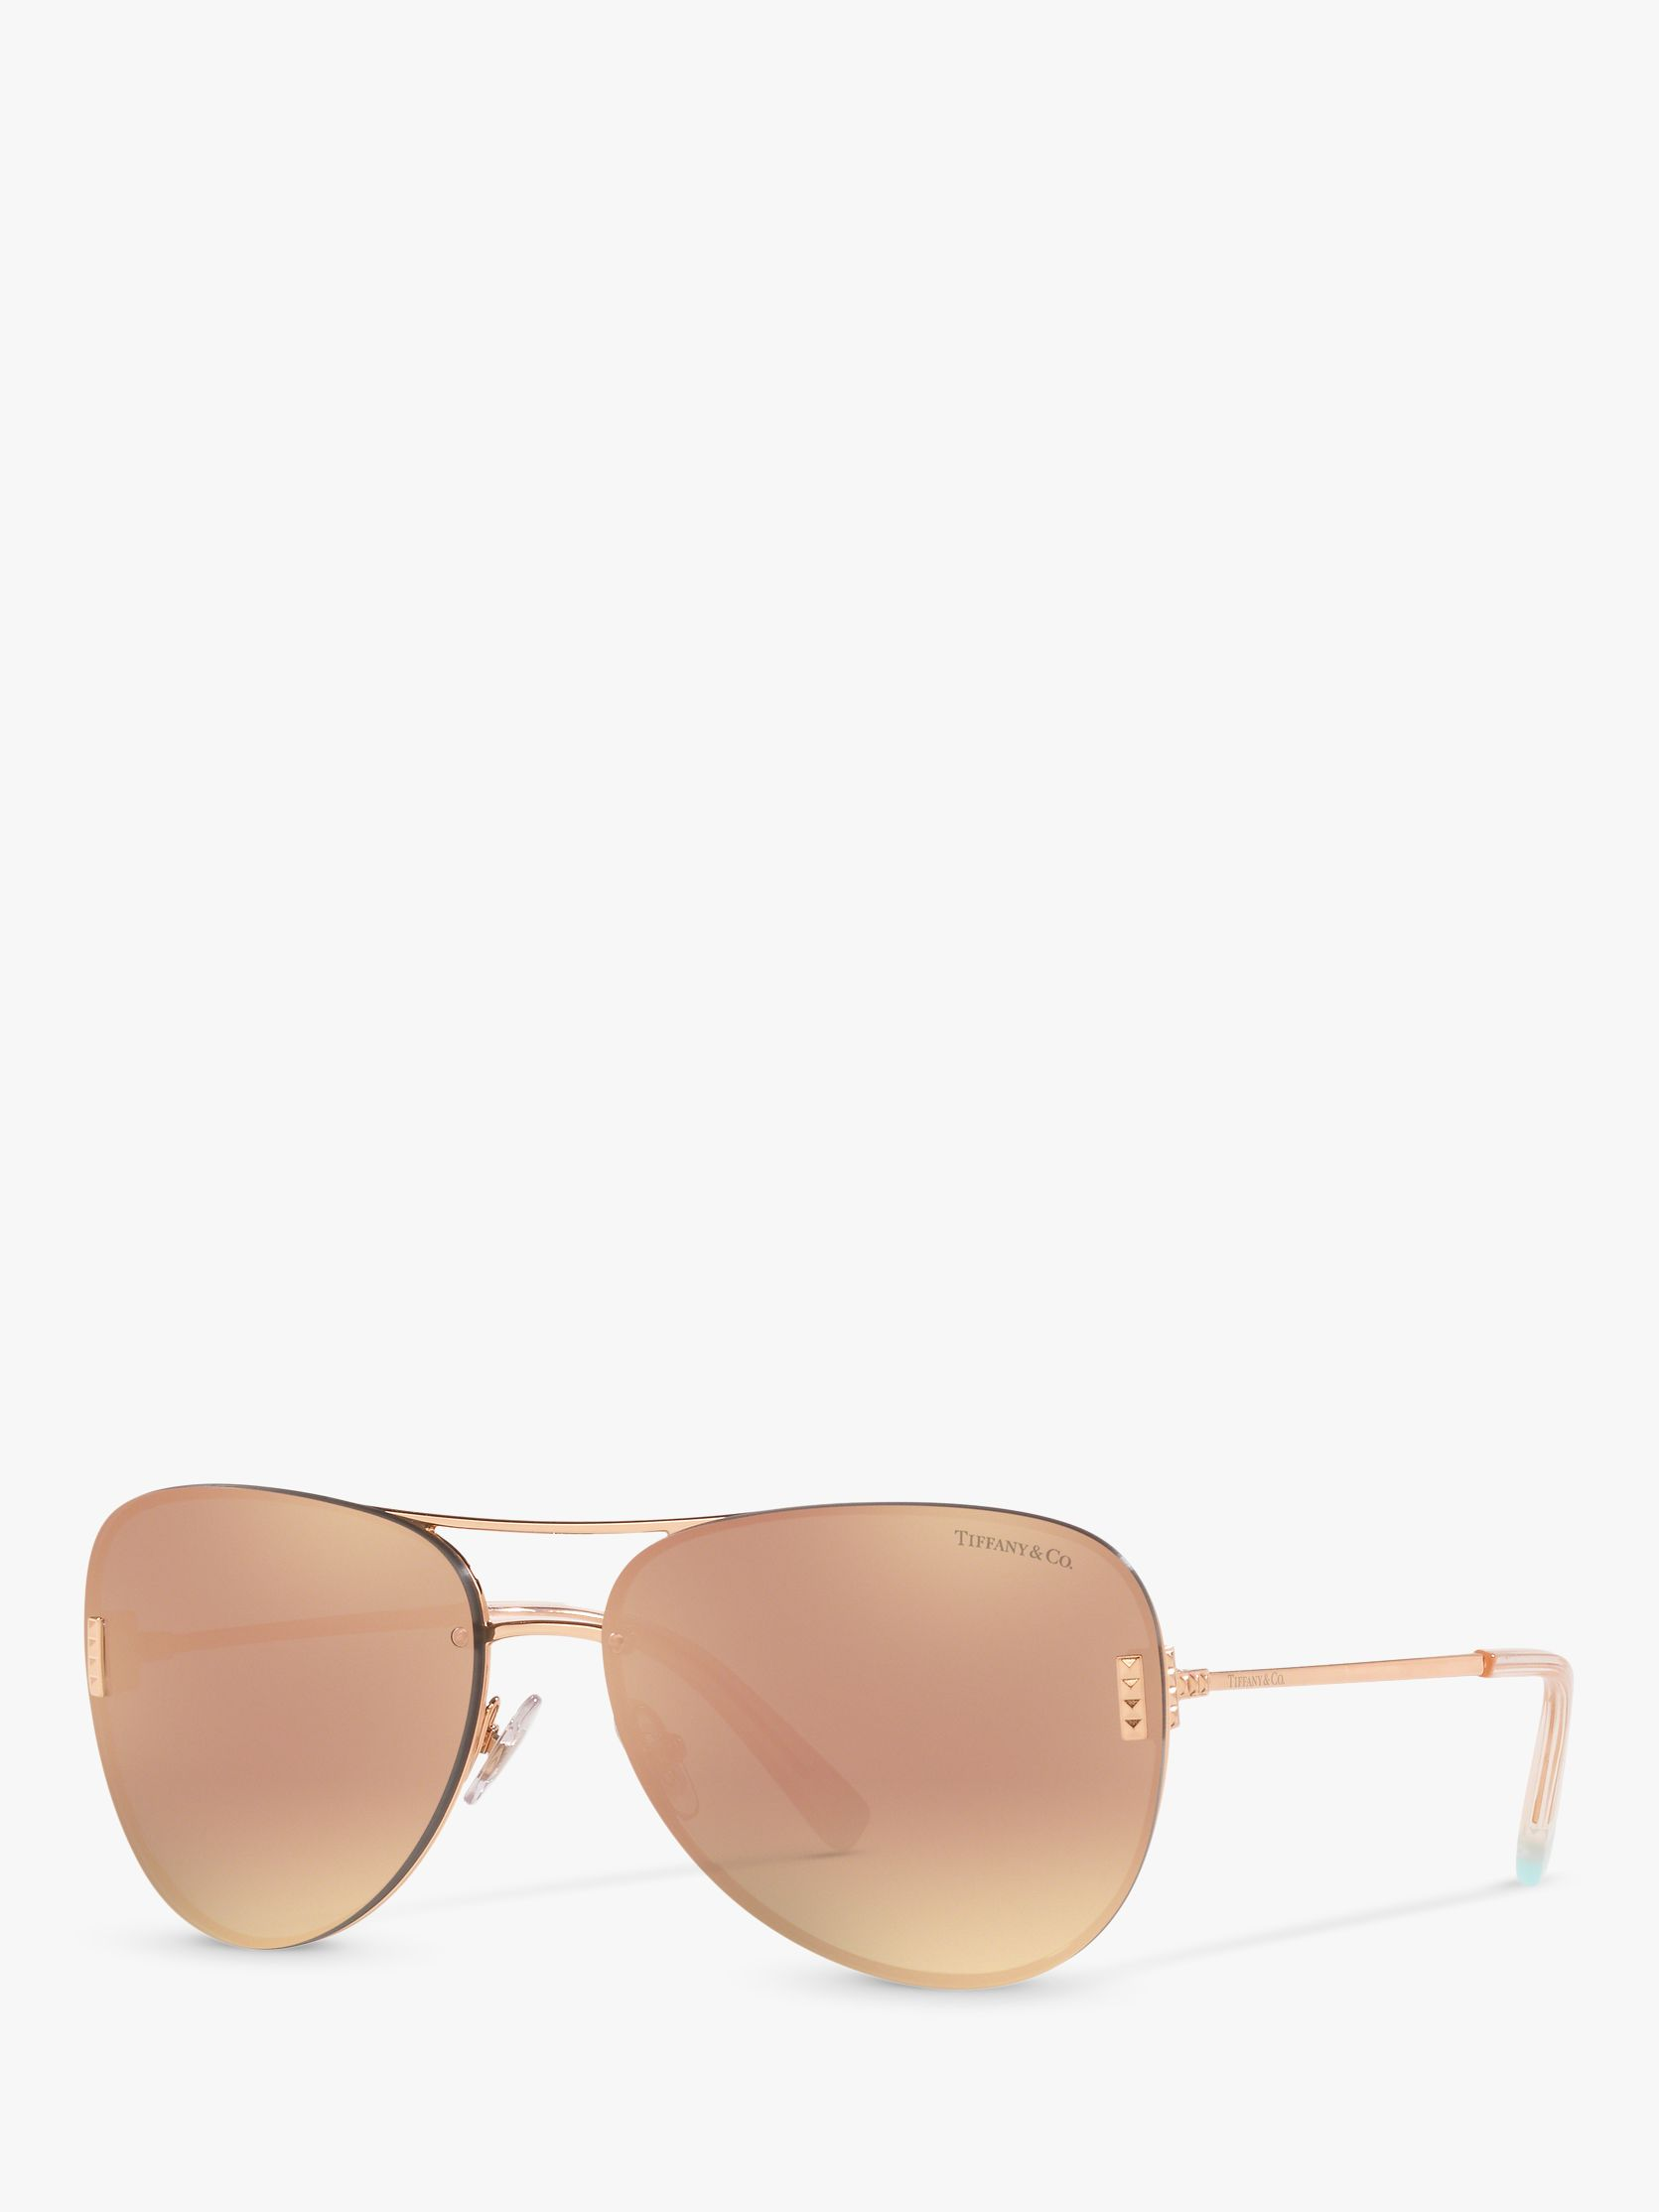 Tiffany & Co Tiffany & Co TF3066 Women's Aviator Sunglasses, Red Maroon/Gold